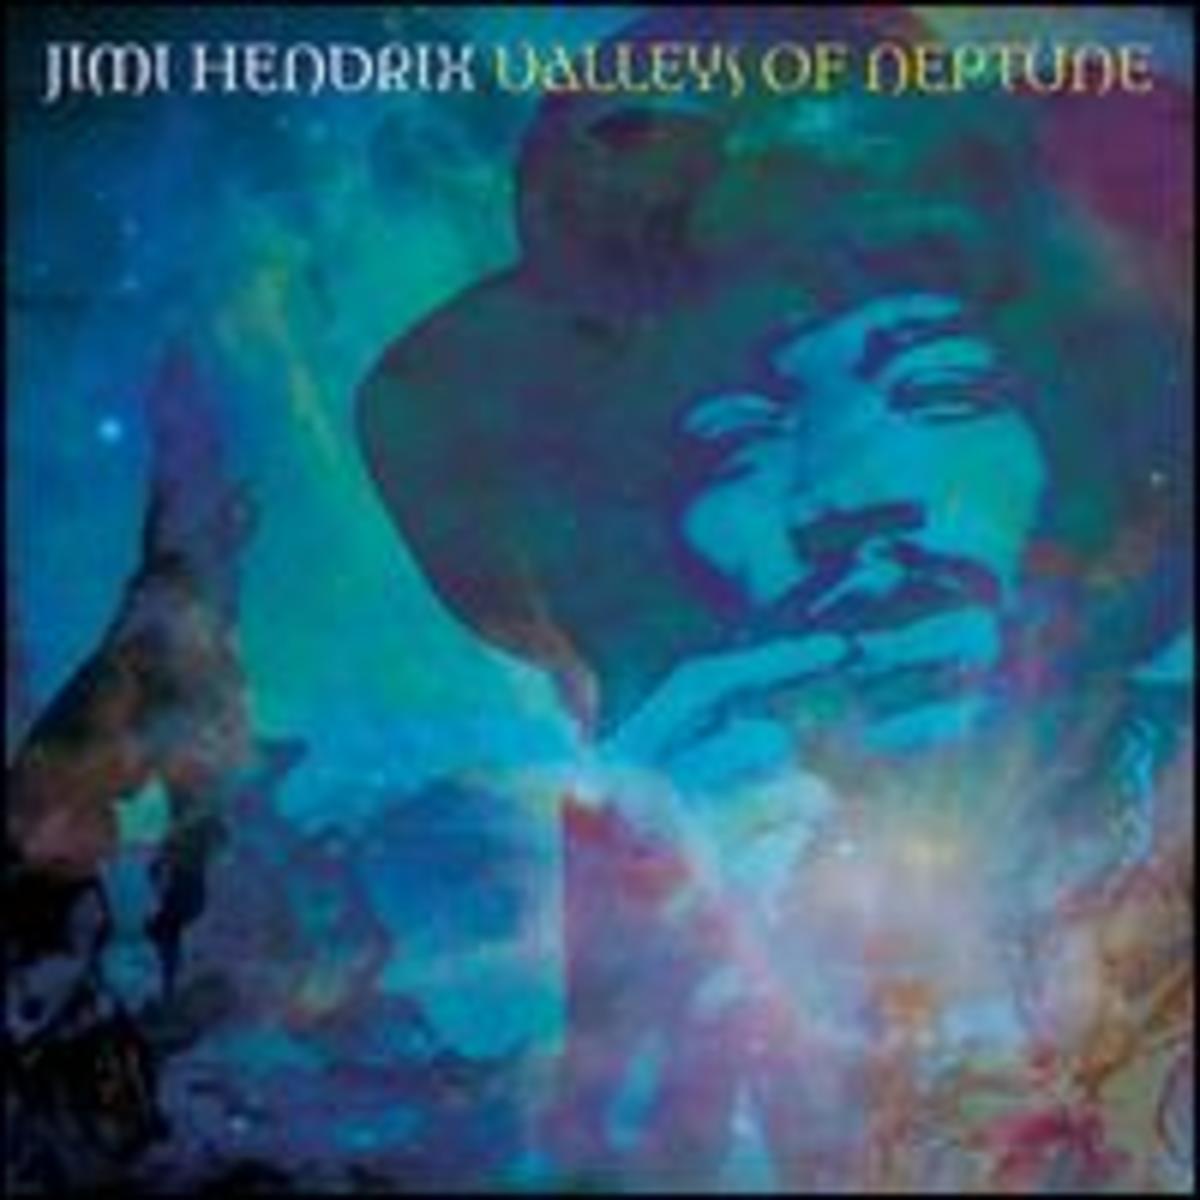 Hendrix_Valleys